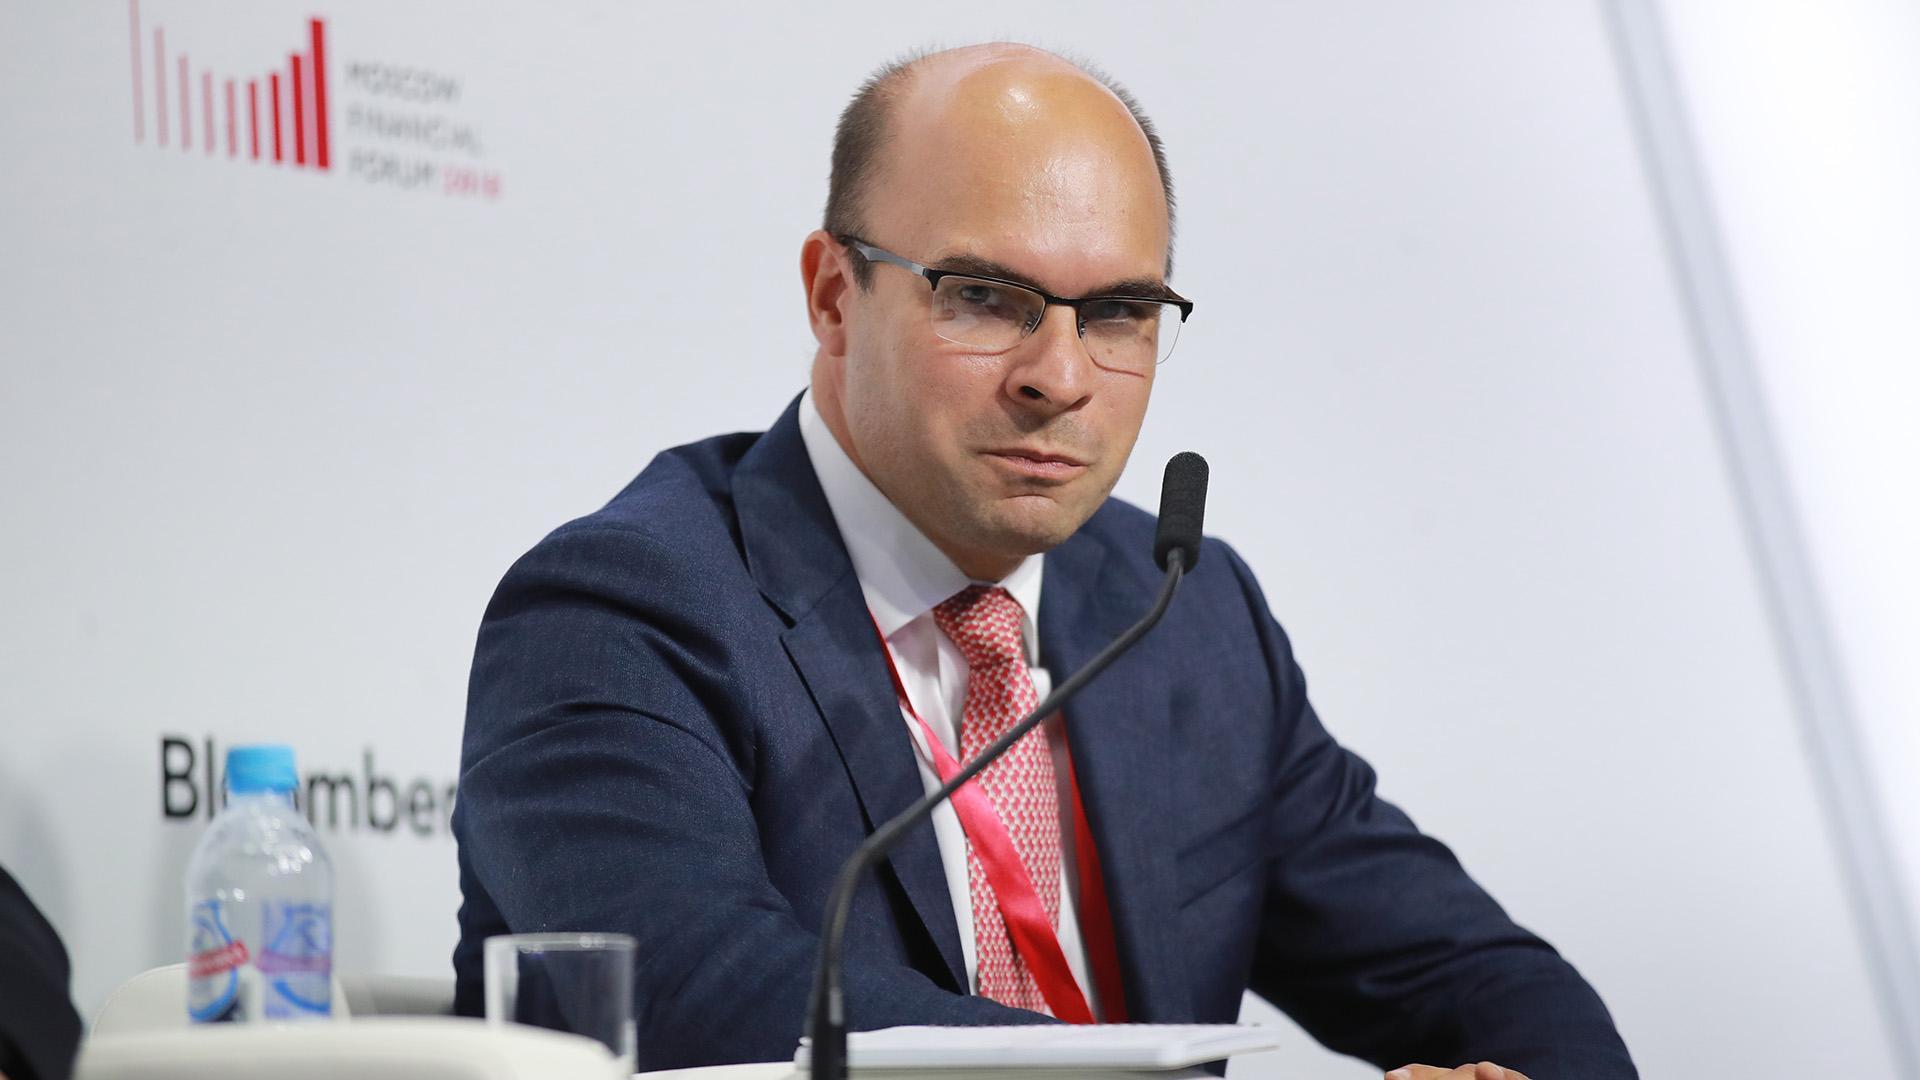 Банк России сомневается, что крупные экономики примут биткоин